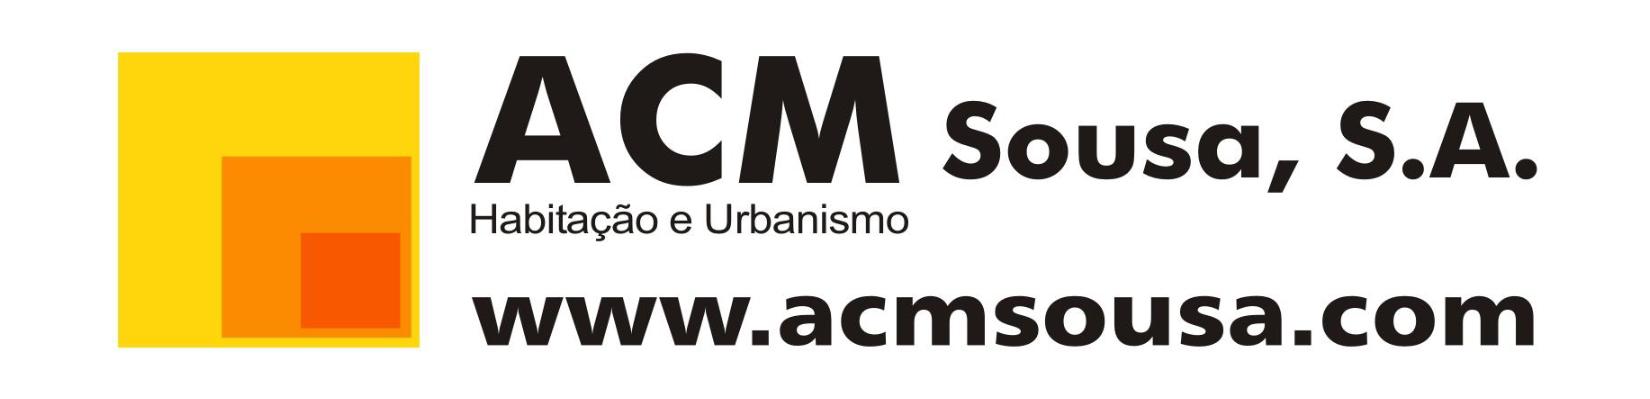 ACM Sousa, S.A.